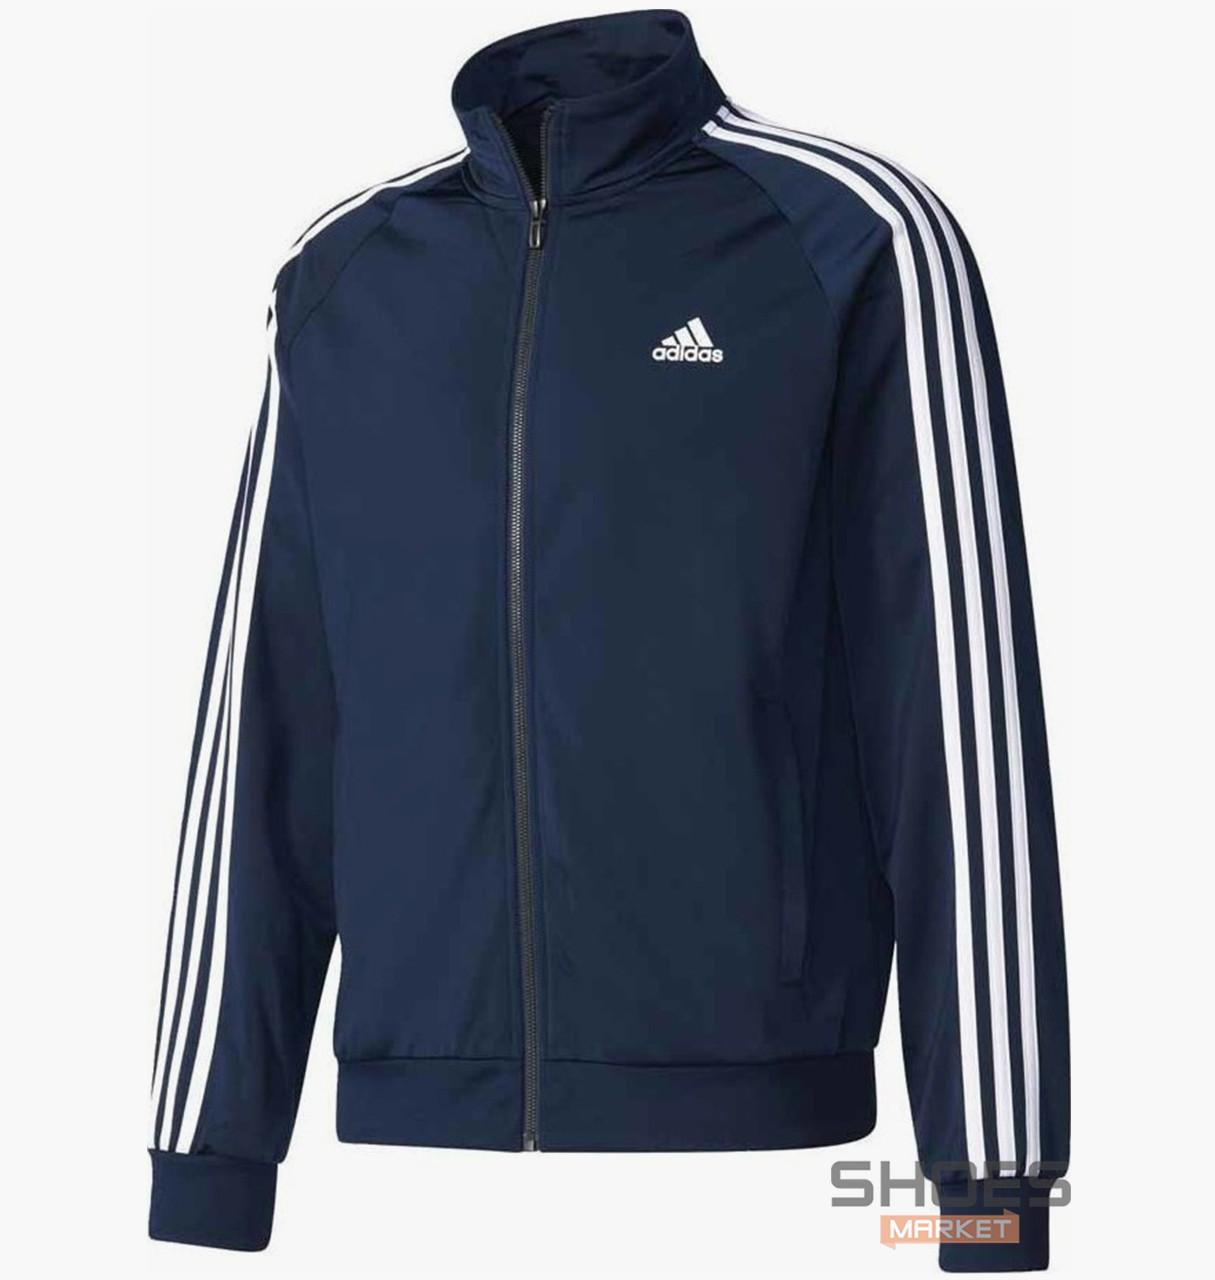 Олимпийка Adidas Navy B47367, оригинал